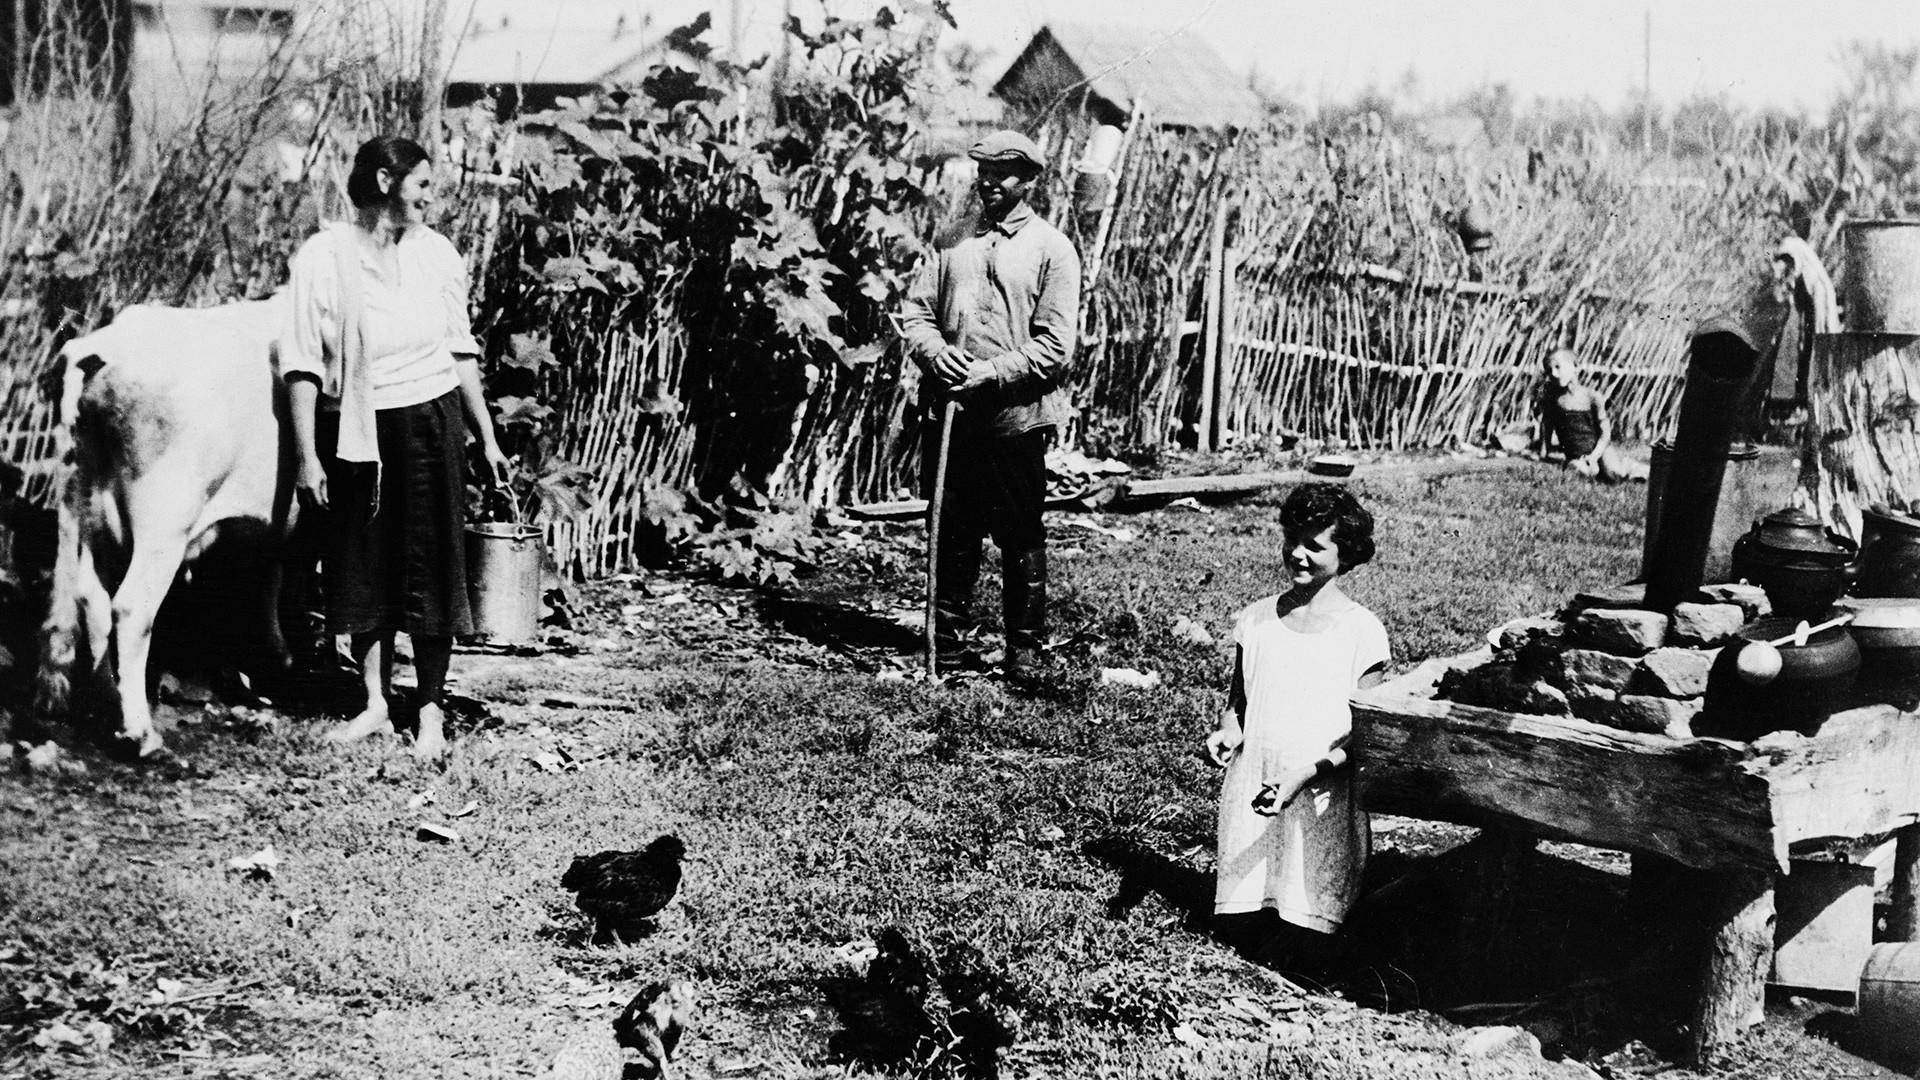 Kolhoznik Mihail Gefen, njegova žena Šejna i njihova kći obrađuju zemlju na imanju u Birobidžanu (Židovska autonomna oblast SSSR-a). Imaju kravu, tele, svinje, kokoši i vrt. Židovi iz svih krajeva svijeta su 1928. počeli naseljavati ovu regiju. Početak novog života u neprohodnoj sibirskoj tajgi.